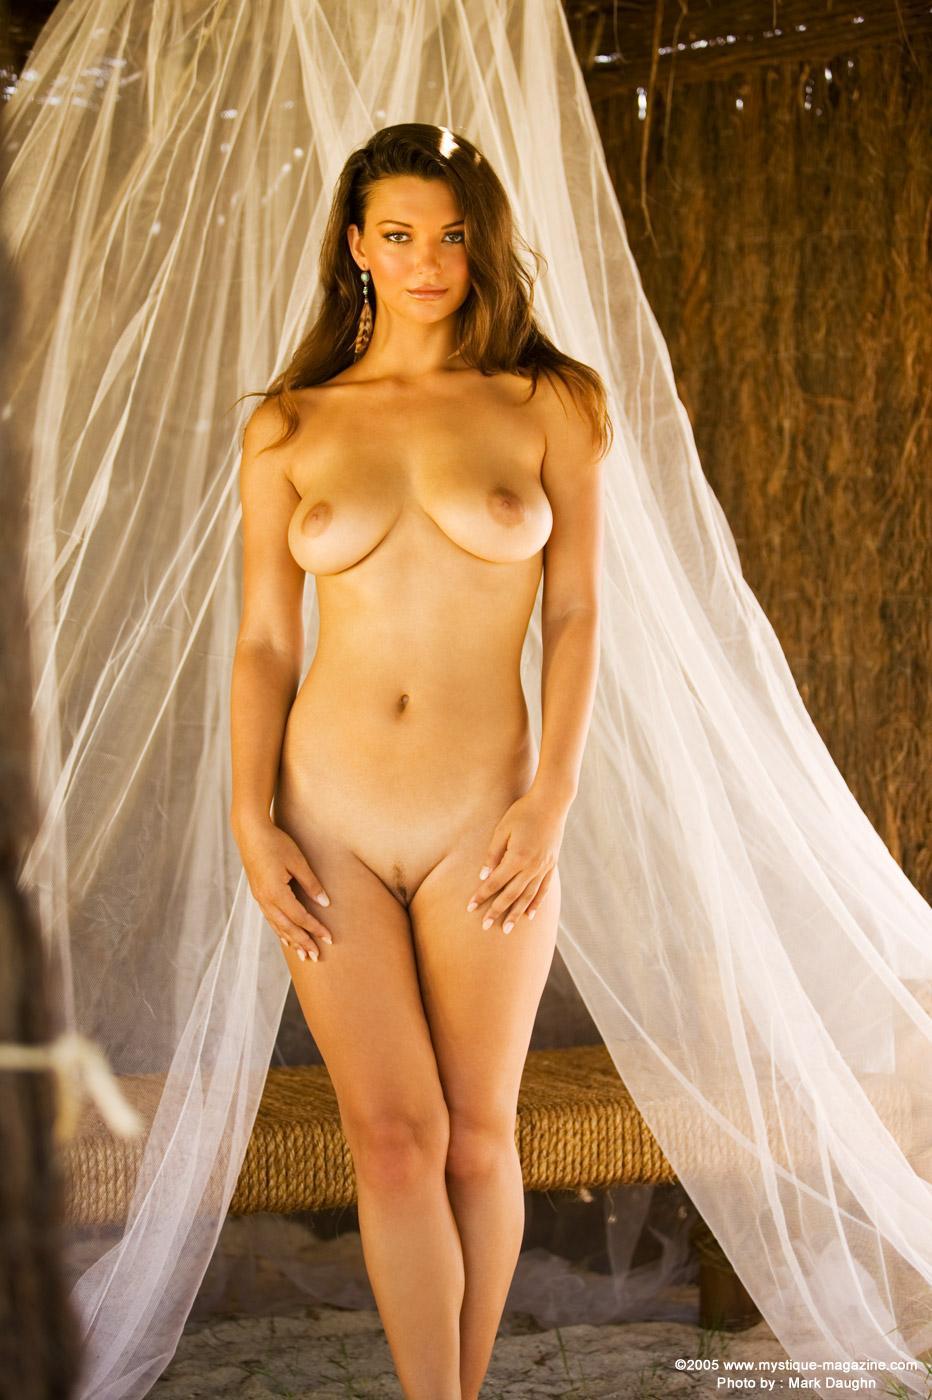 Fotos de desnudos de Aimee Teegarden filtradas en